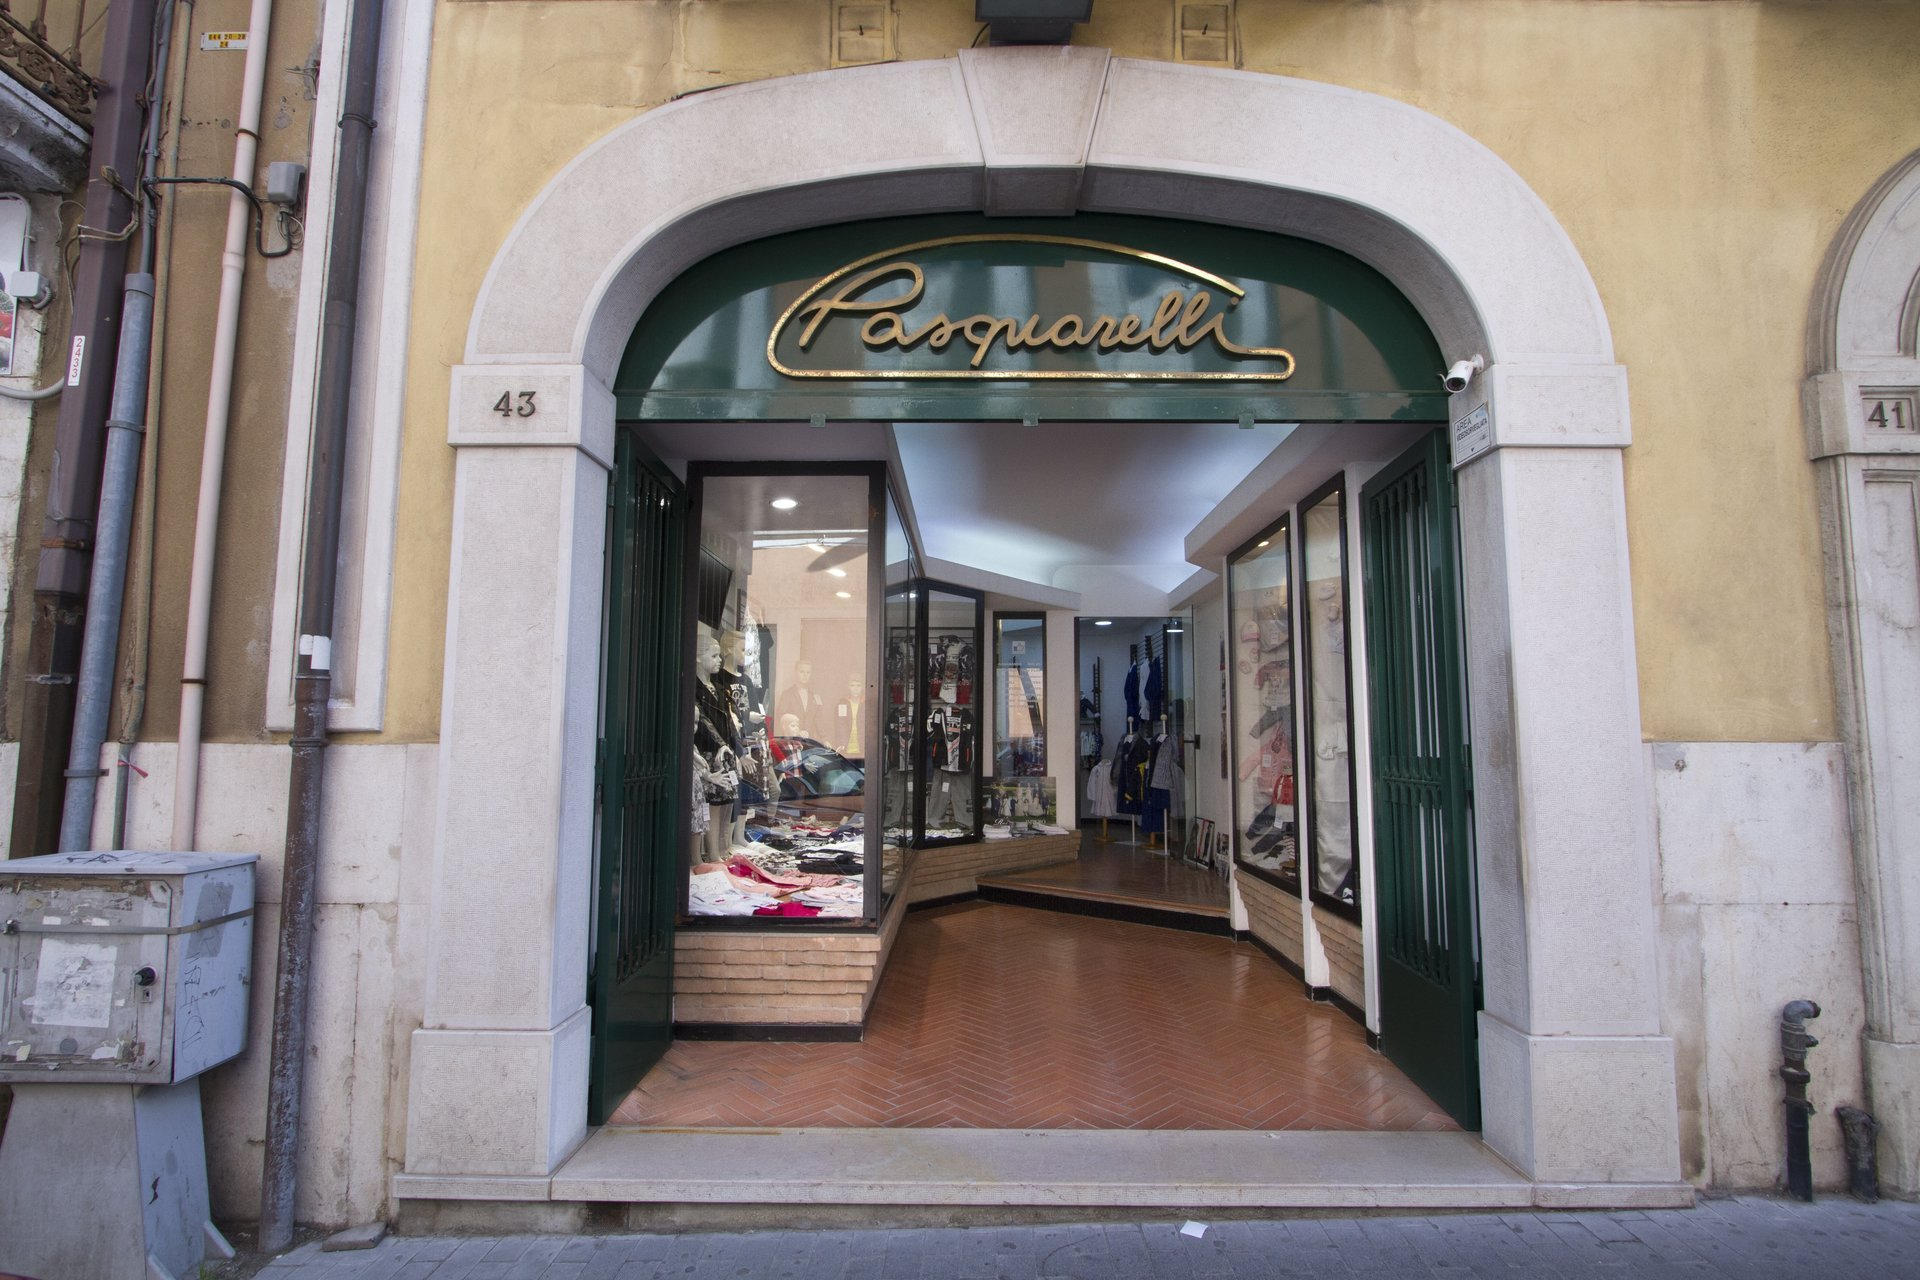 negozio Pasquarelli Abbigliamento